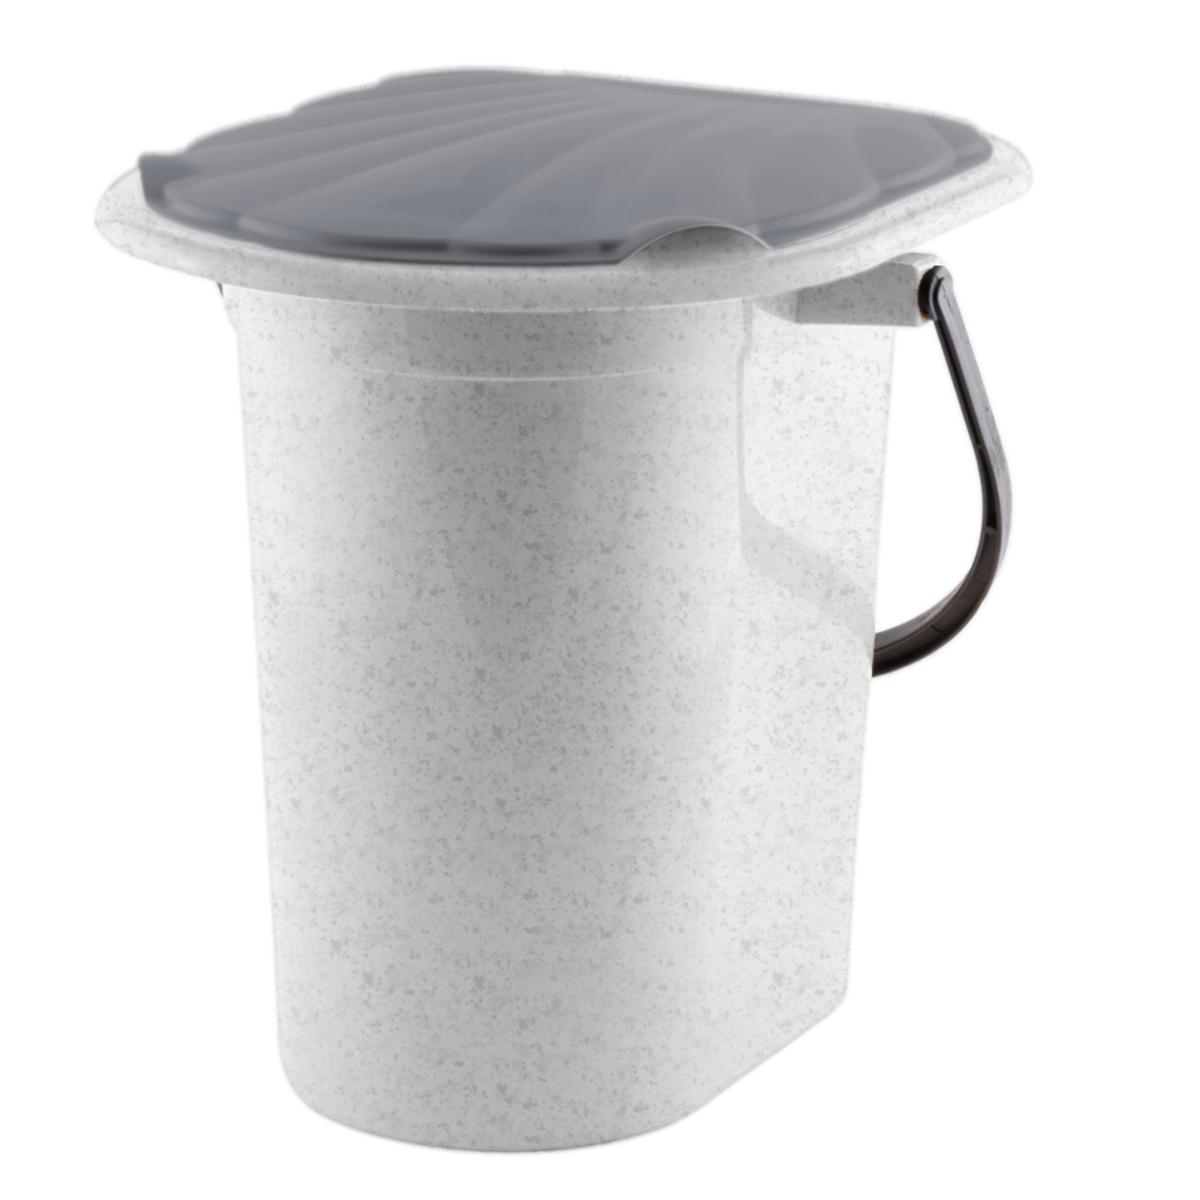 Ведро-туалет InGreen, цвет: мраморный, серый, 18 л ведро эмалированное кмк с крышкой с поддоном 10 л